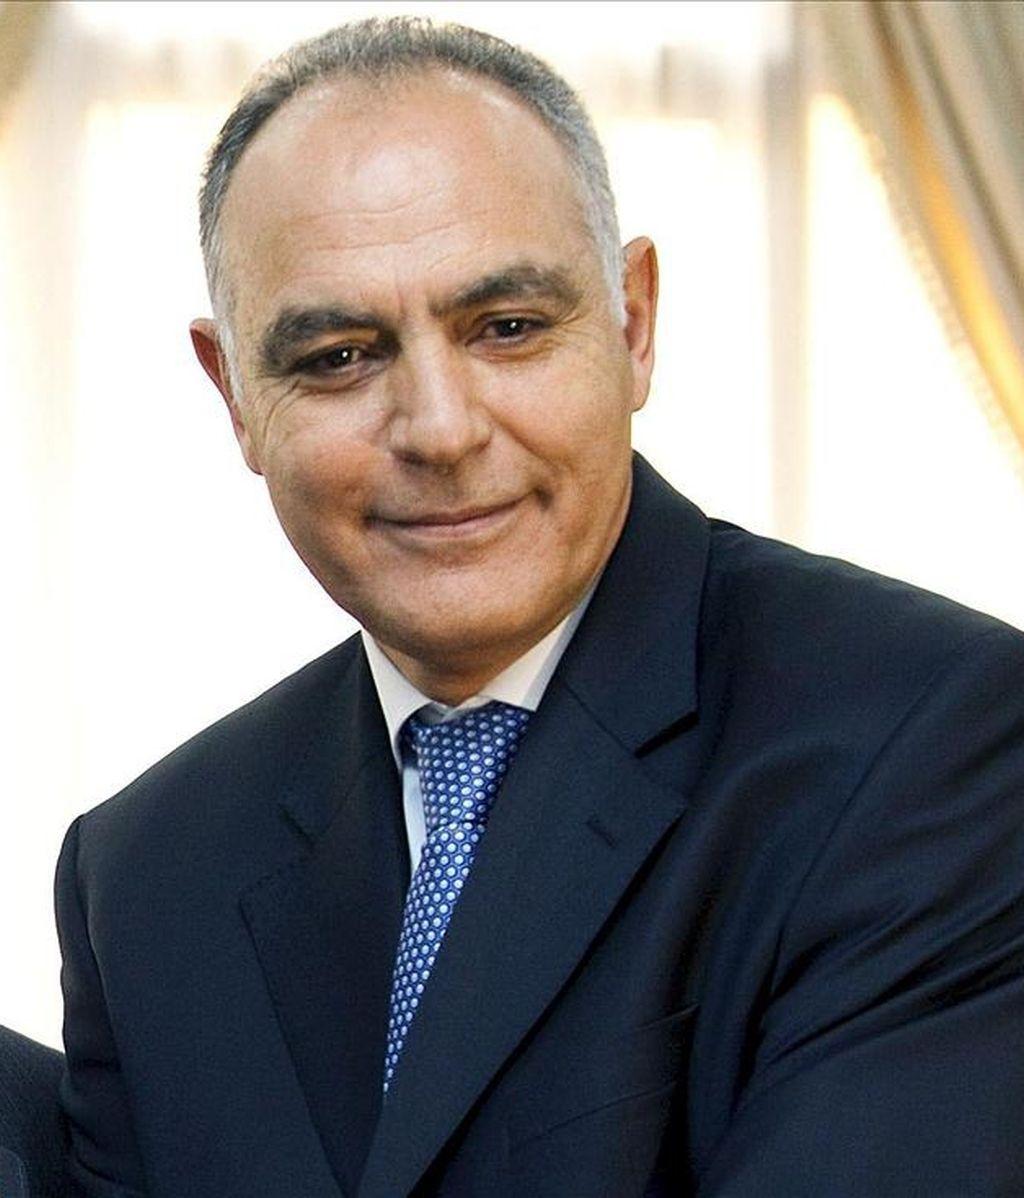 En la imagen, el ministro marroquí de Economía y Finanzas, Salahedín Mezuar. EFE/Archivo